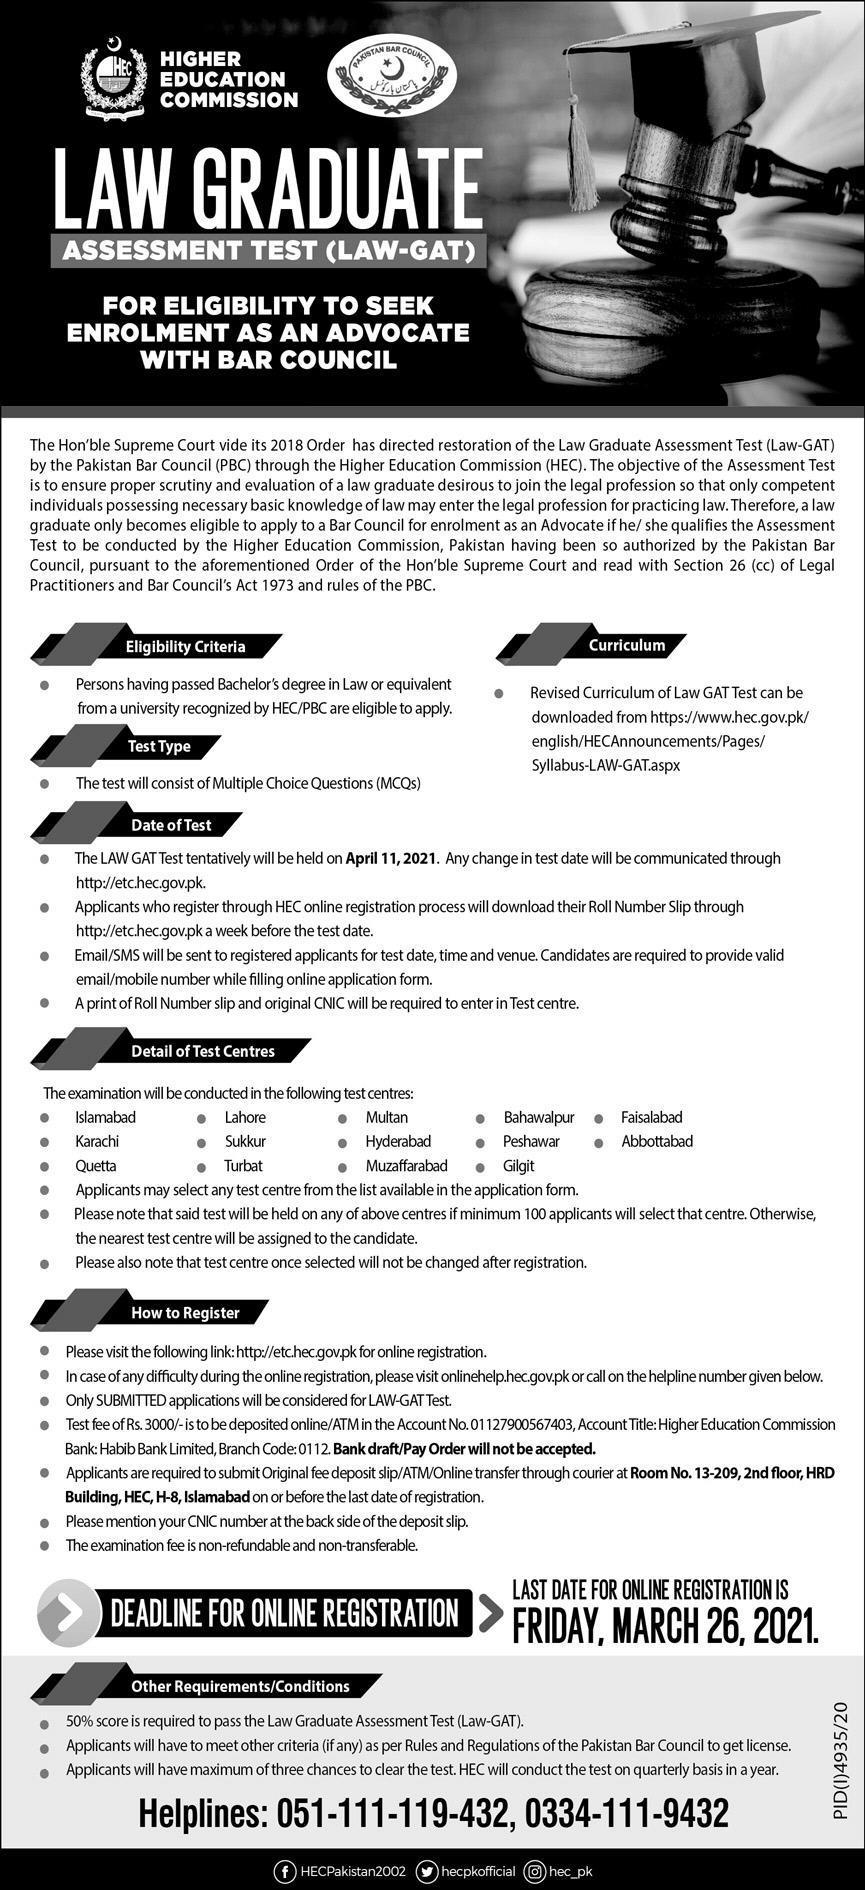 HEC Law Graduate Assessment Test (LAW-GAT) 2021 Schedule